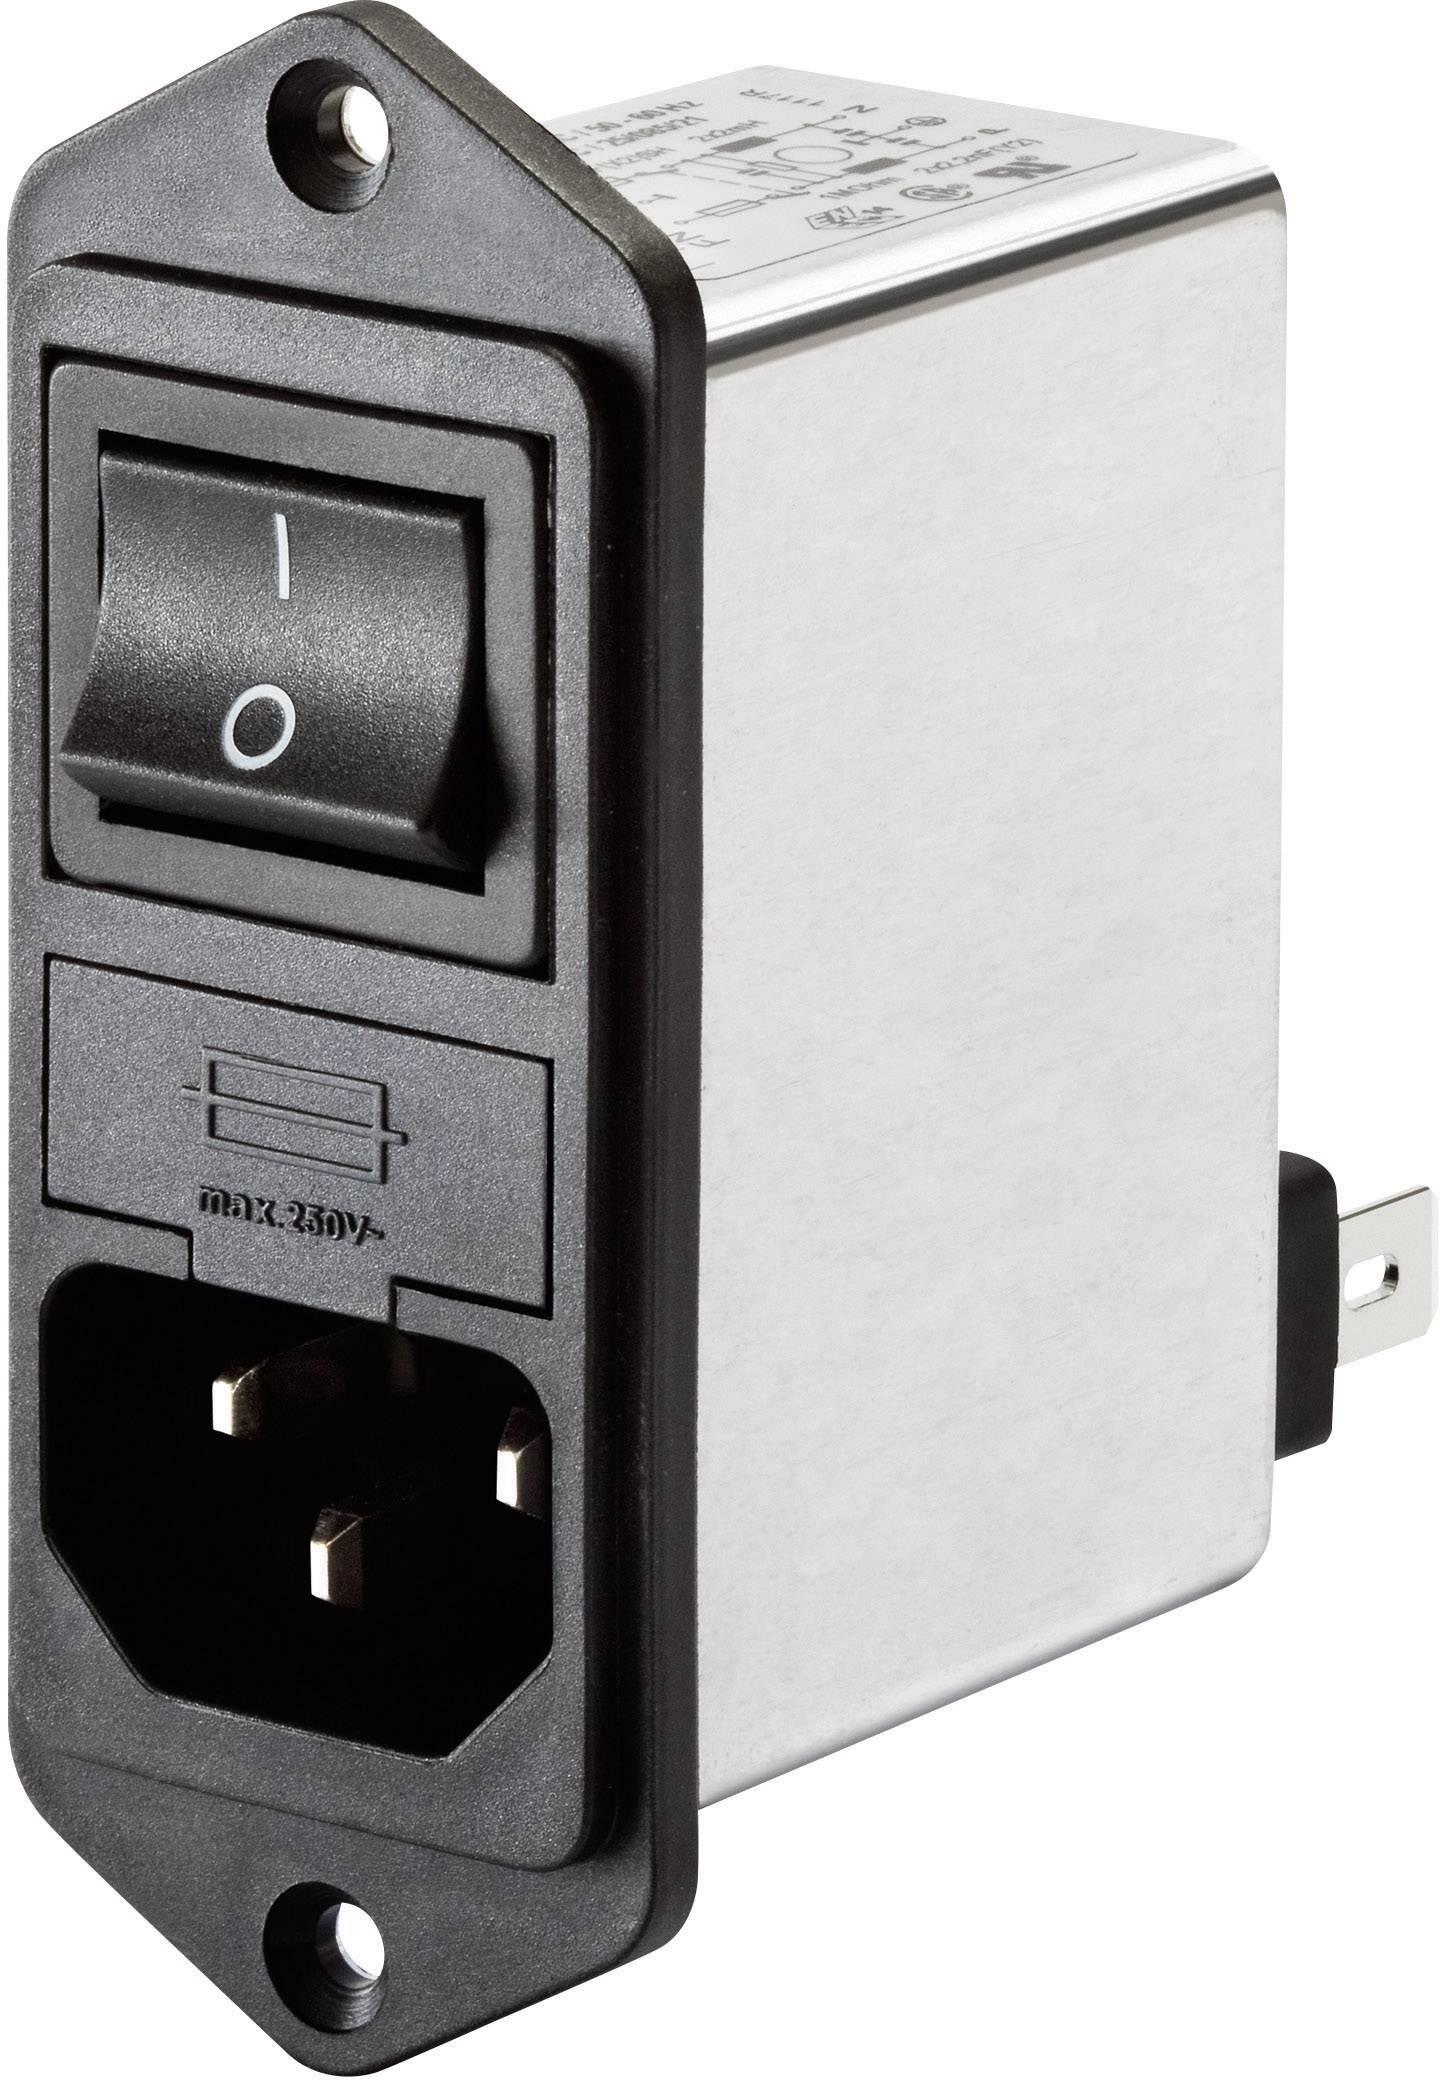 Sieťový filter Schaffner FN 282-2-06 FN 282-2-06, so spínačom, s IEC zásuvkou, 250 V/AC, 2 A, 2 mH, 1 ks